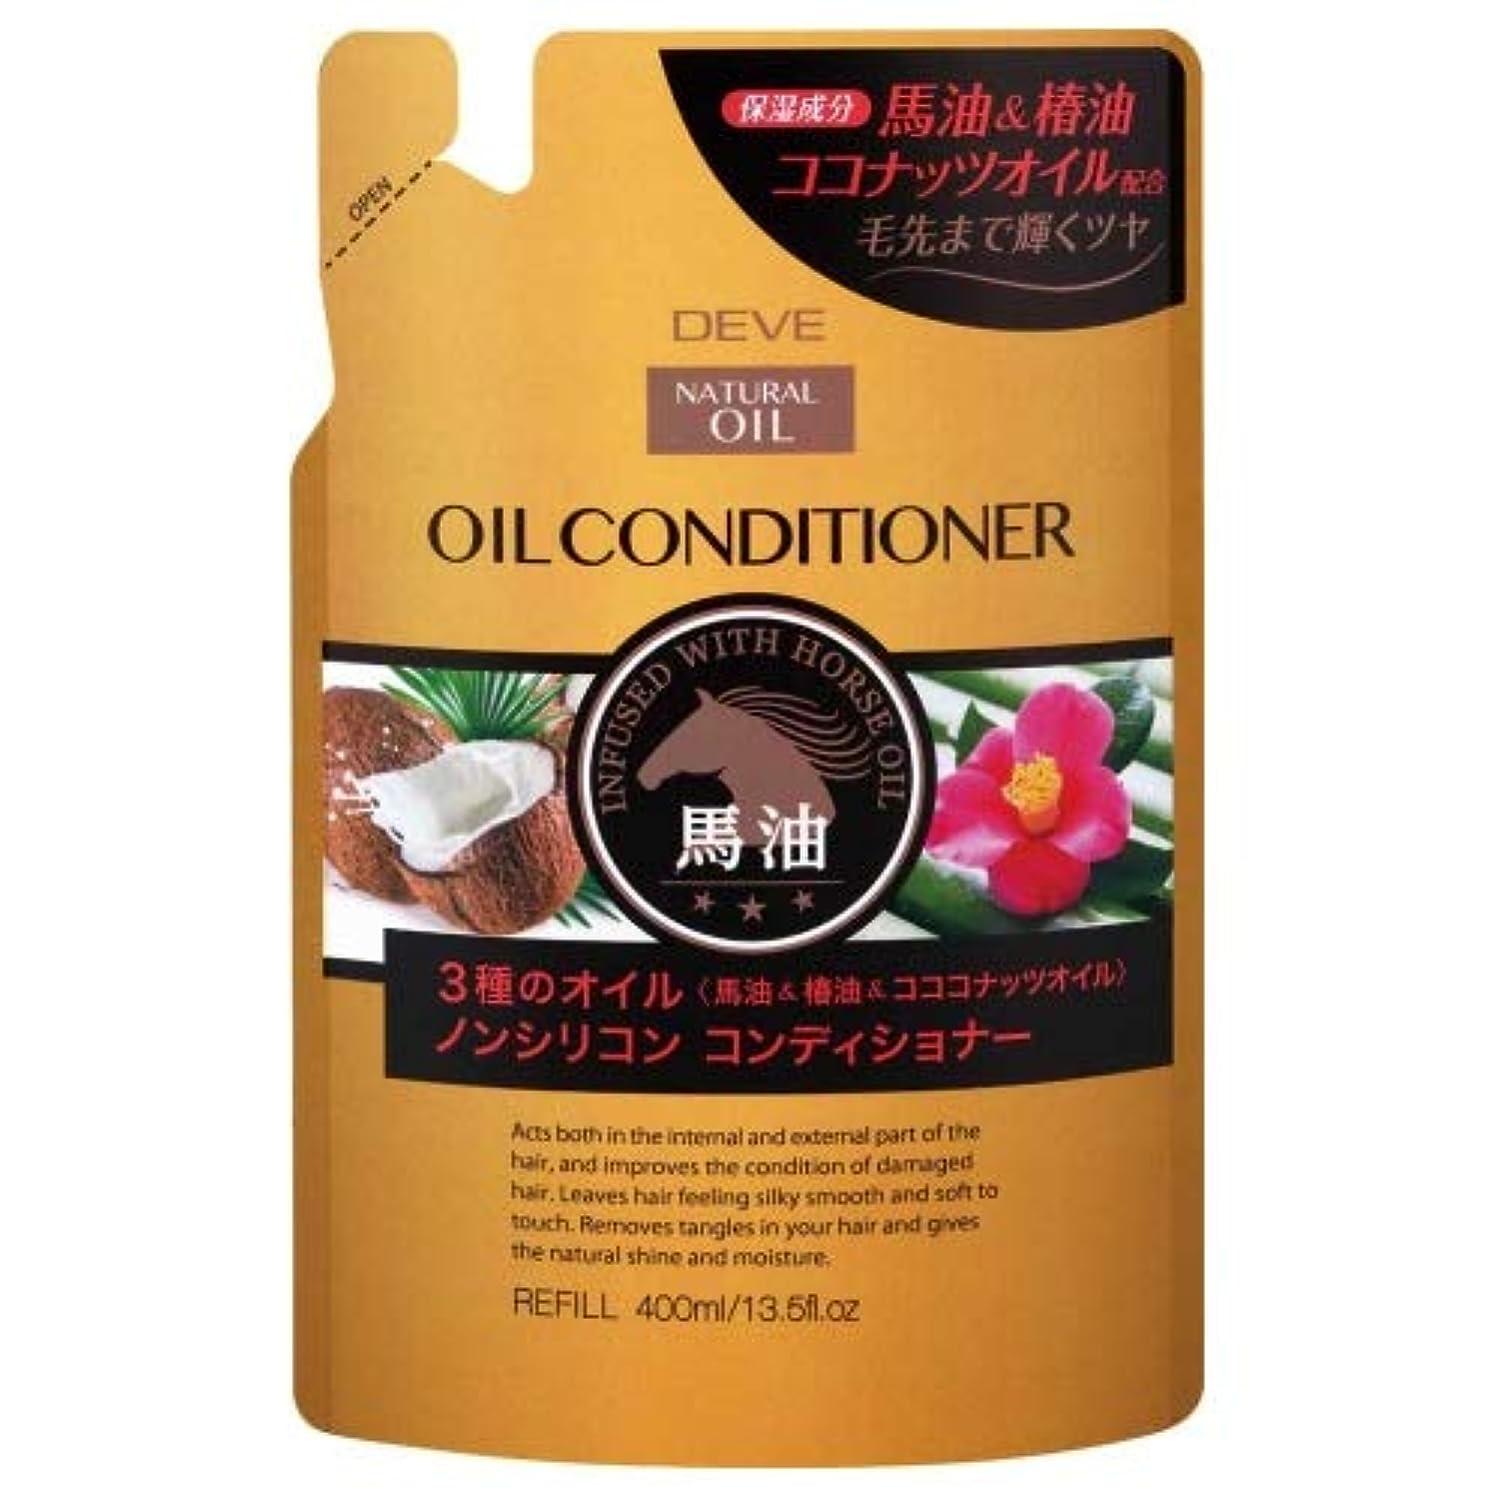 荒涼としたうなり声評価する熊野油脂 ディブ 3種のオイル コンディショナー(馬油?椿油?ココナッツオイル) 400ml